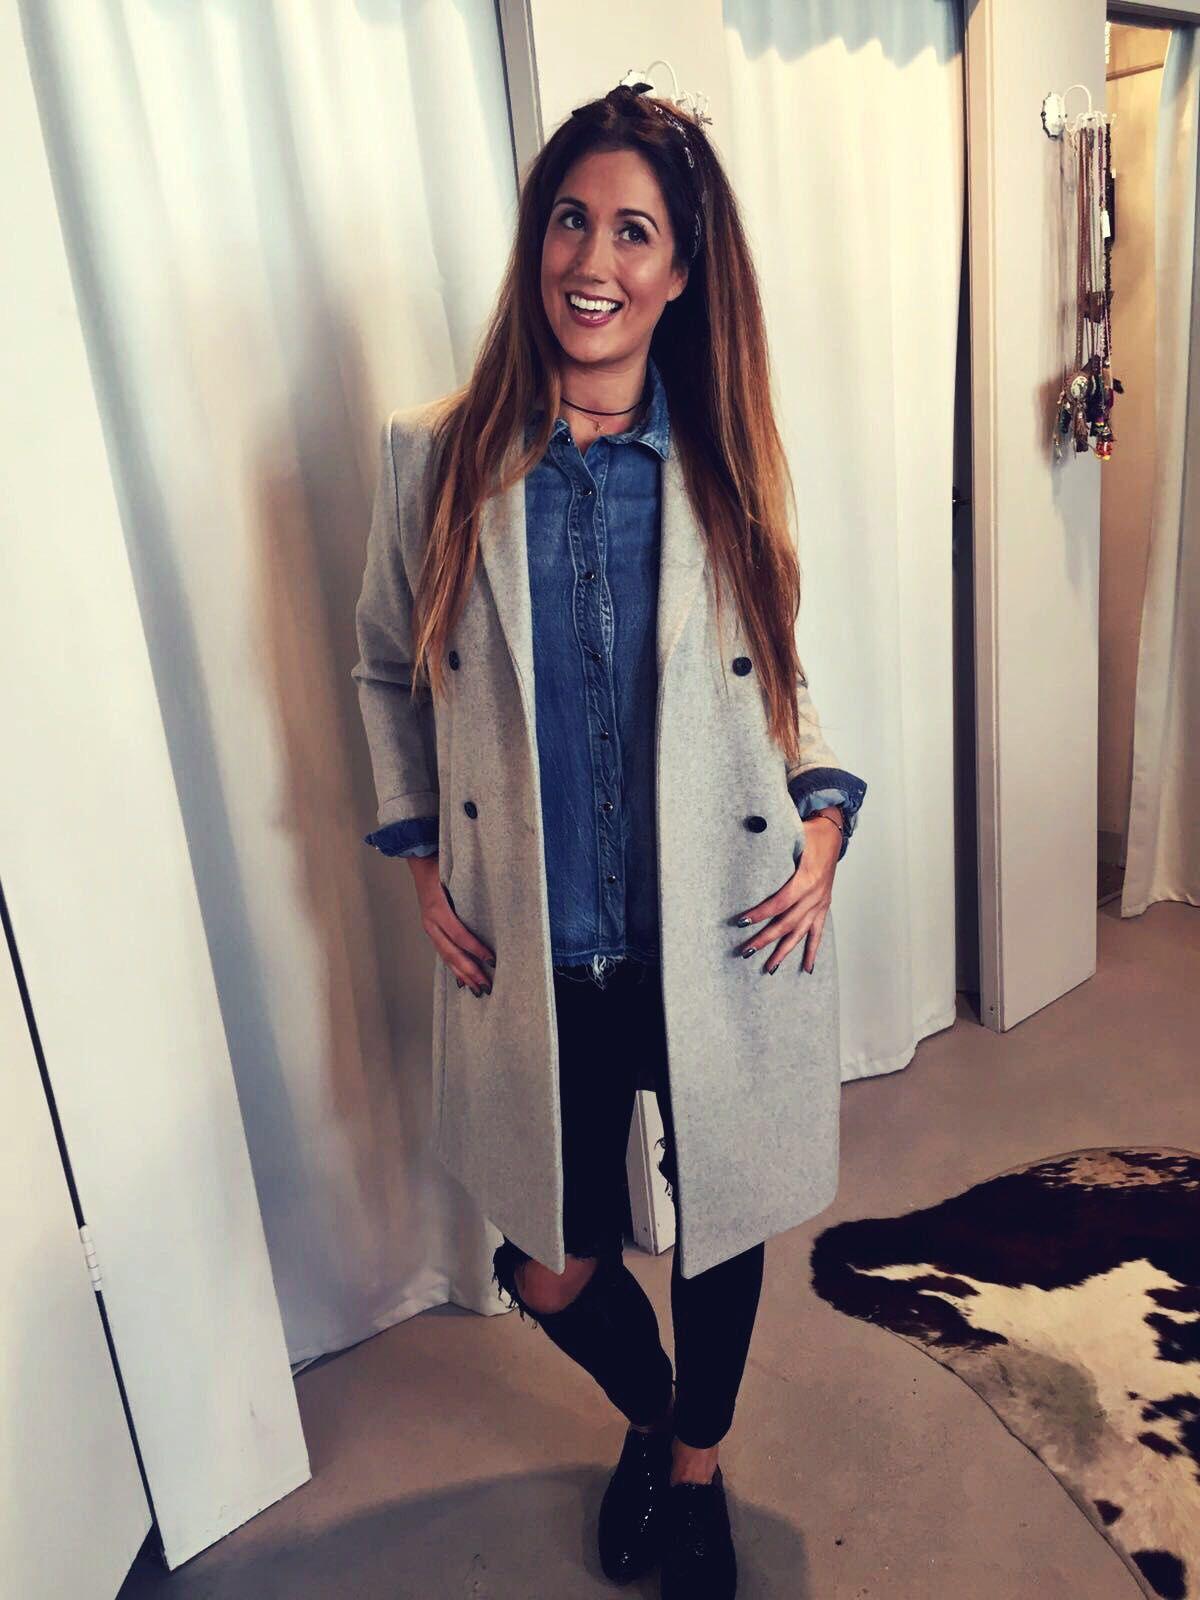 #laslunas #outfit #fashionblogger #stylist #styling #fashion